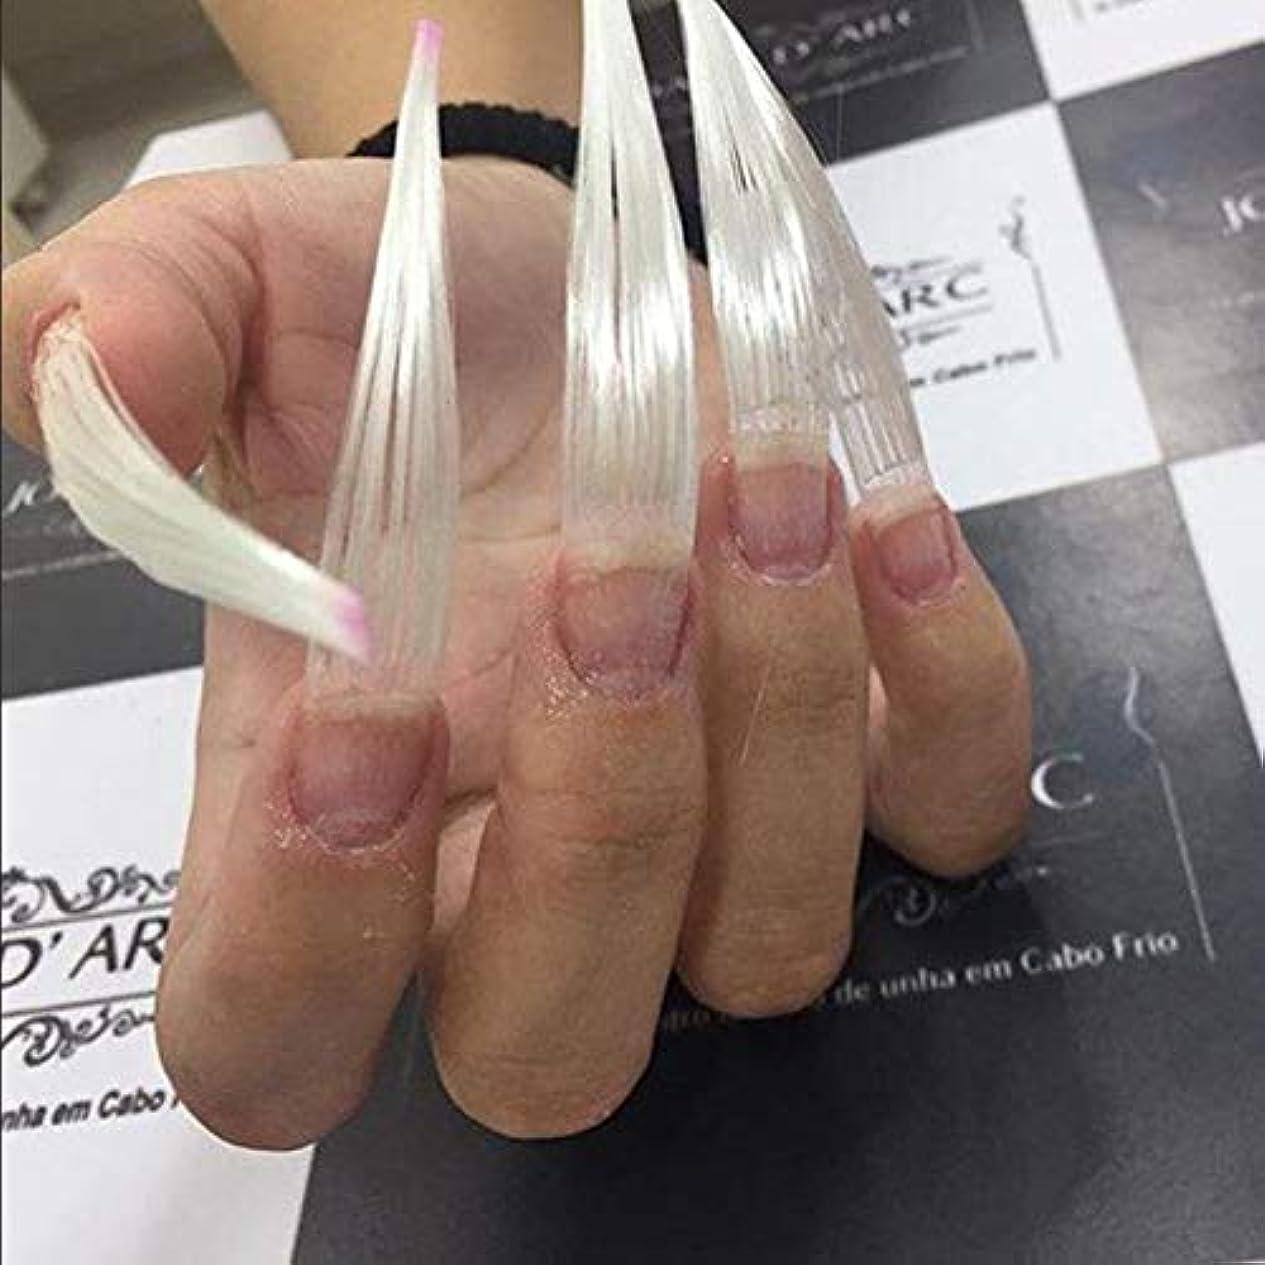 物理的な胚相続人Maxbei 50枚入りネイルエクステンション用グラスファイバー 延長繊維ネイル 及び 5個入り爪のクリップ ネイルアートツール